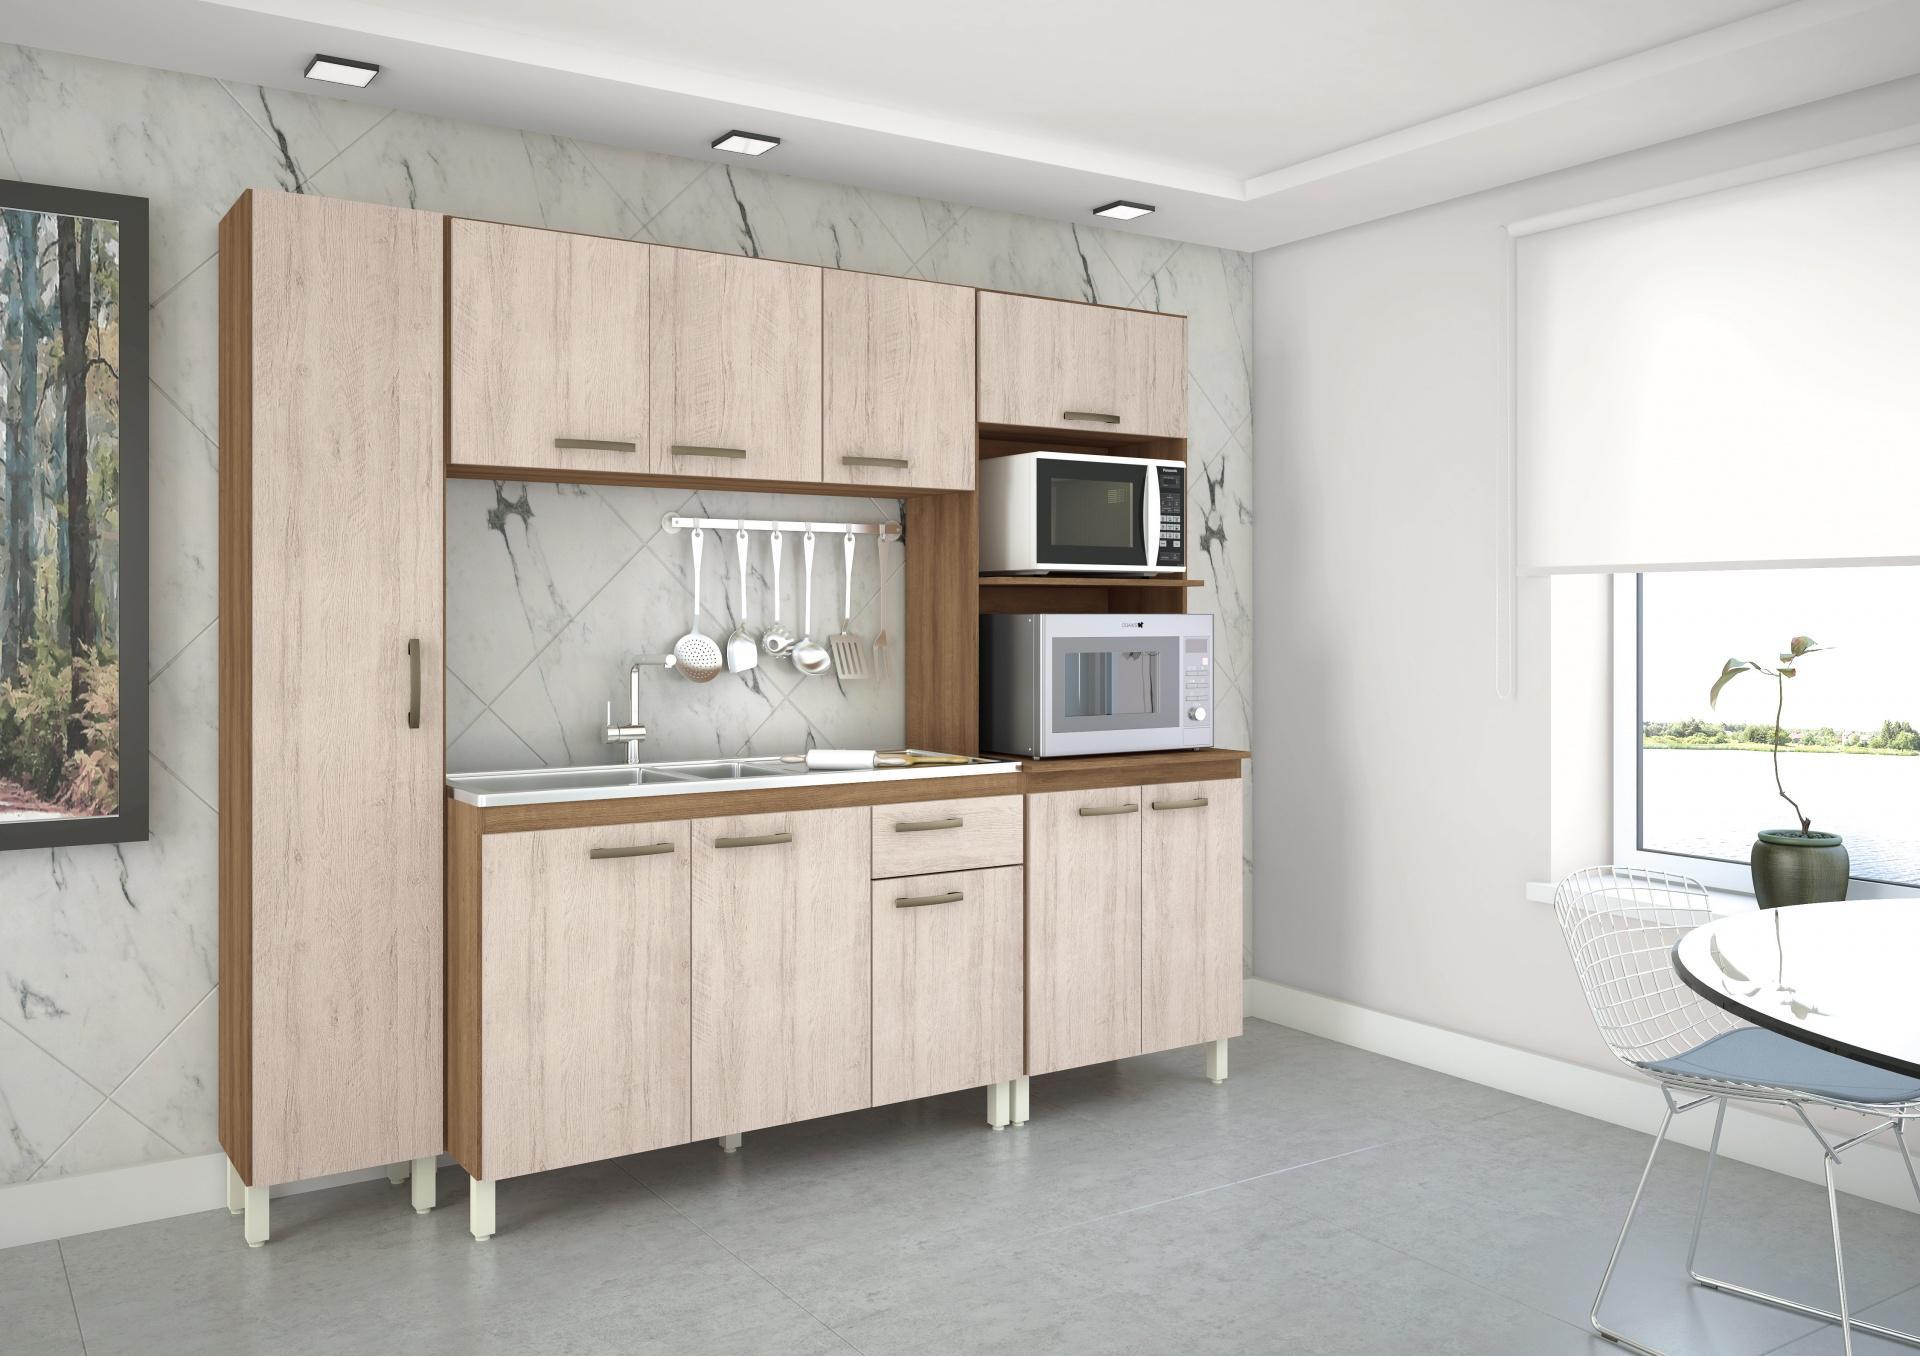 Cozinha Atlas 1,9m